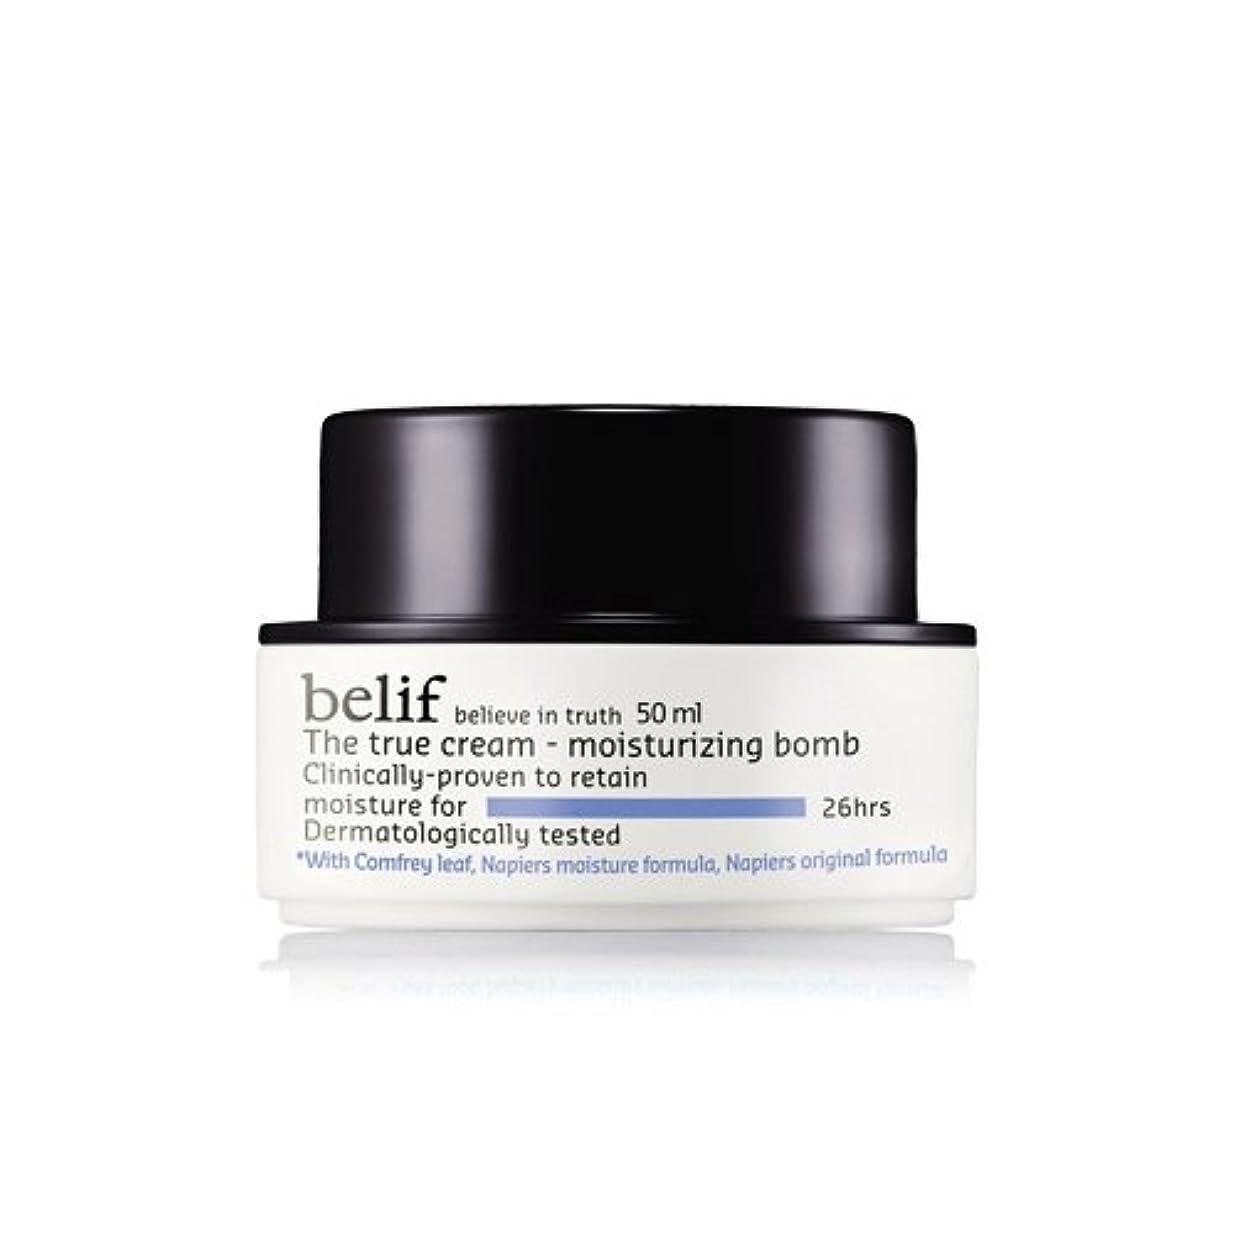 パラシュートパール残り『belif The true cream-moisturizing bomb 50ml』 ビリーフ 水分爆弾クリーム50ml 【福袋】